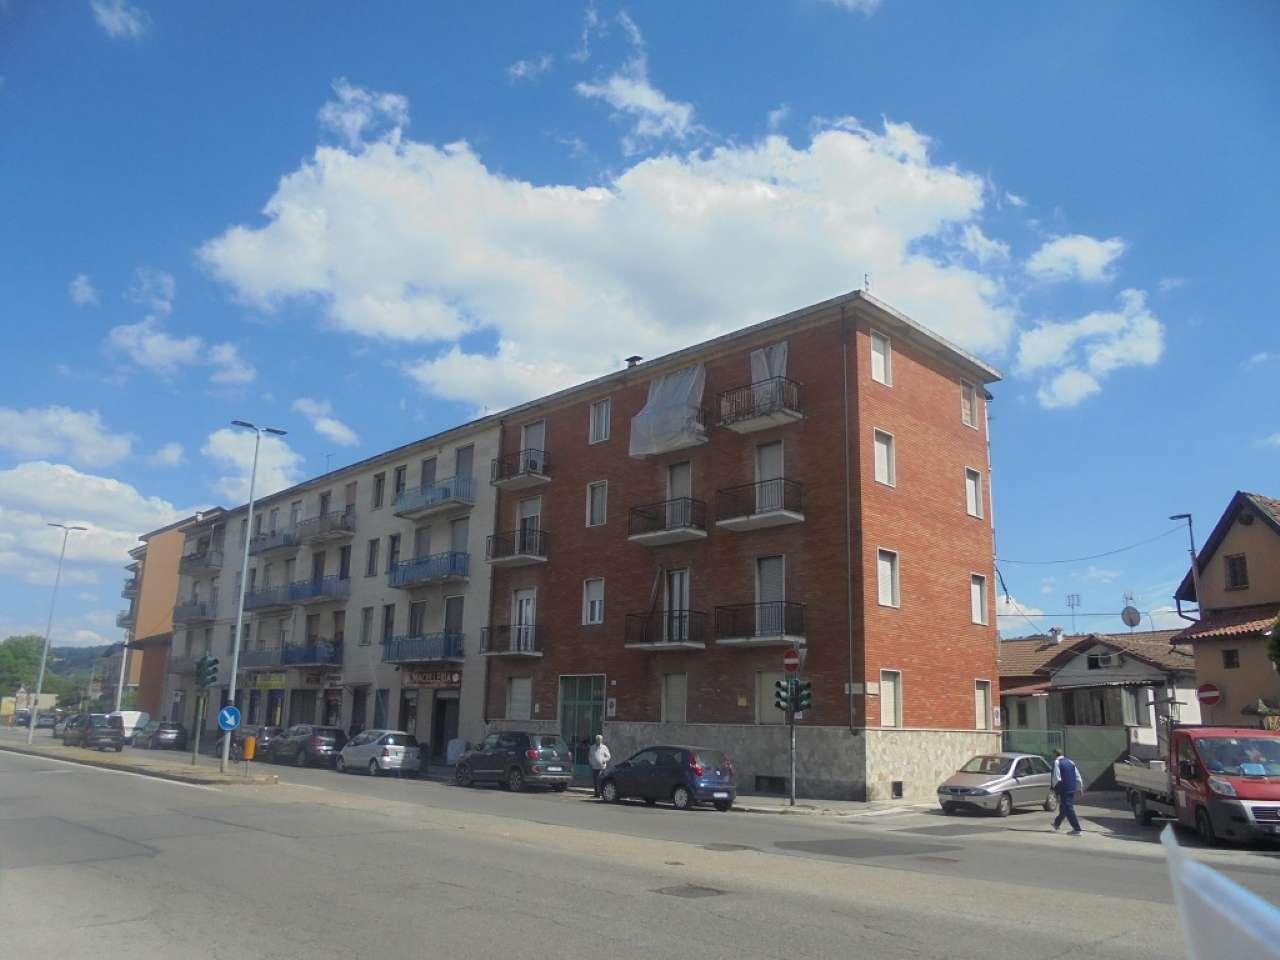 Immagine immobiliare Zona Barca Strada San Mauro ottima vista tripla esposizione 2° piano ingresso soggiorno con angolo cottura camera cameretta bagno. VERO AFFARE.